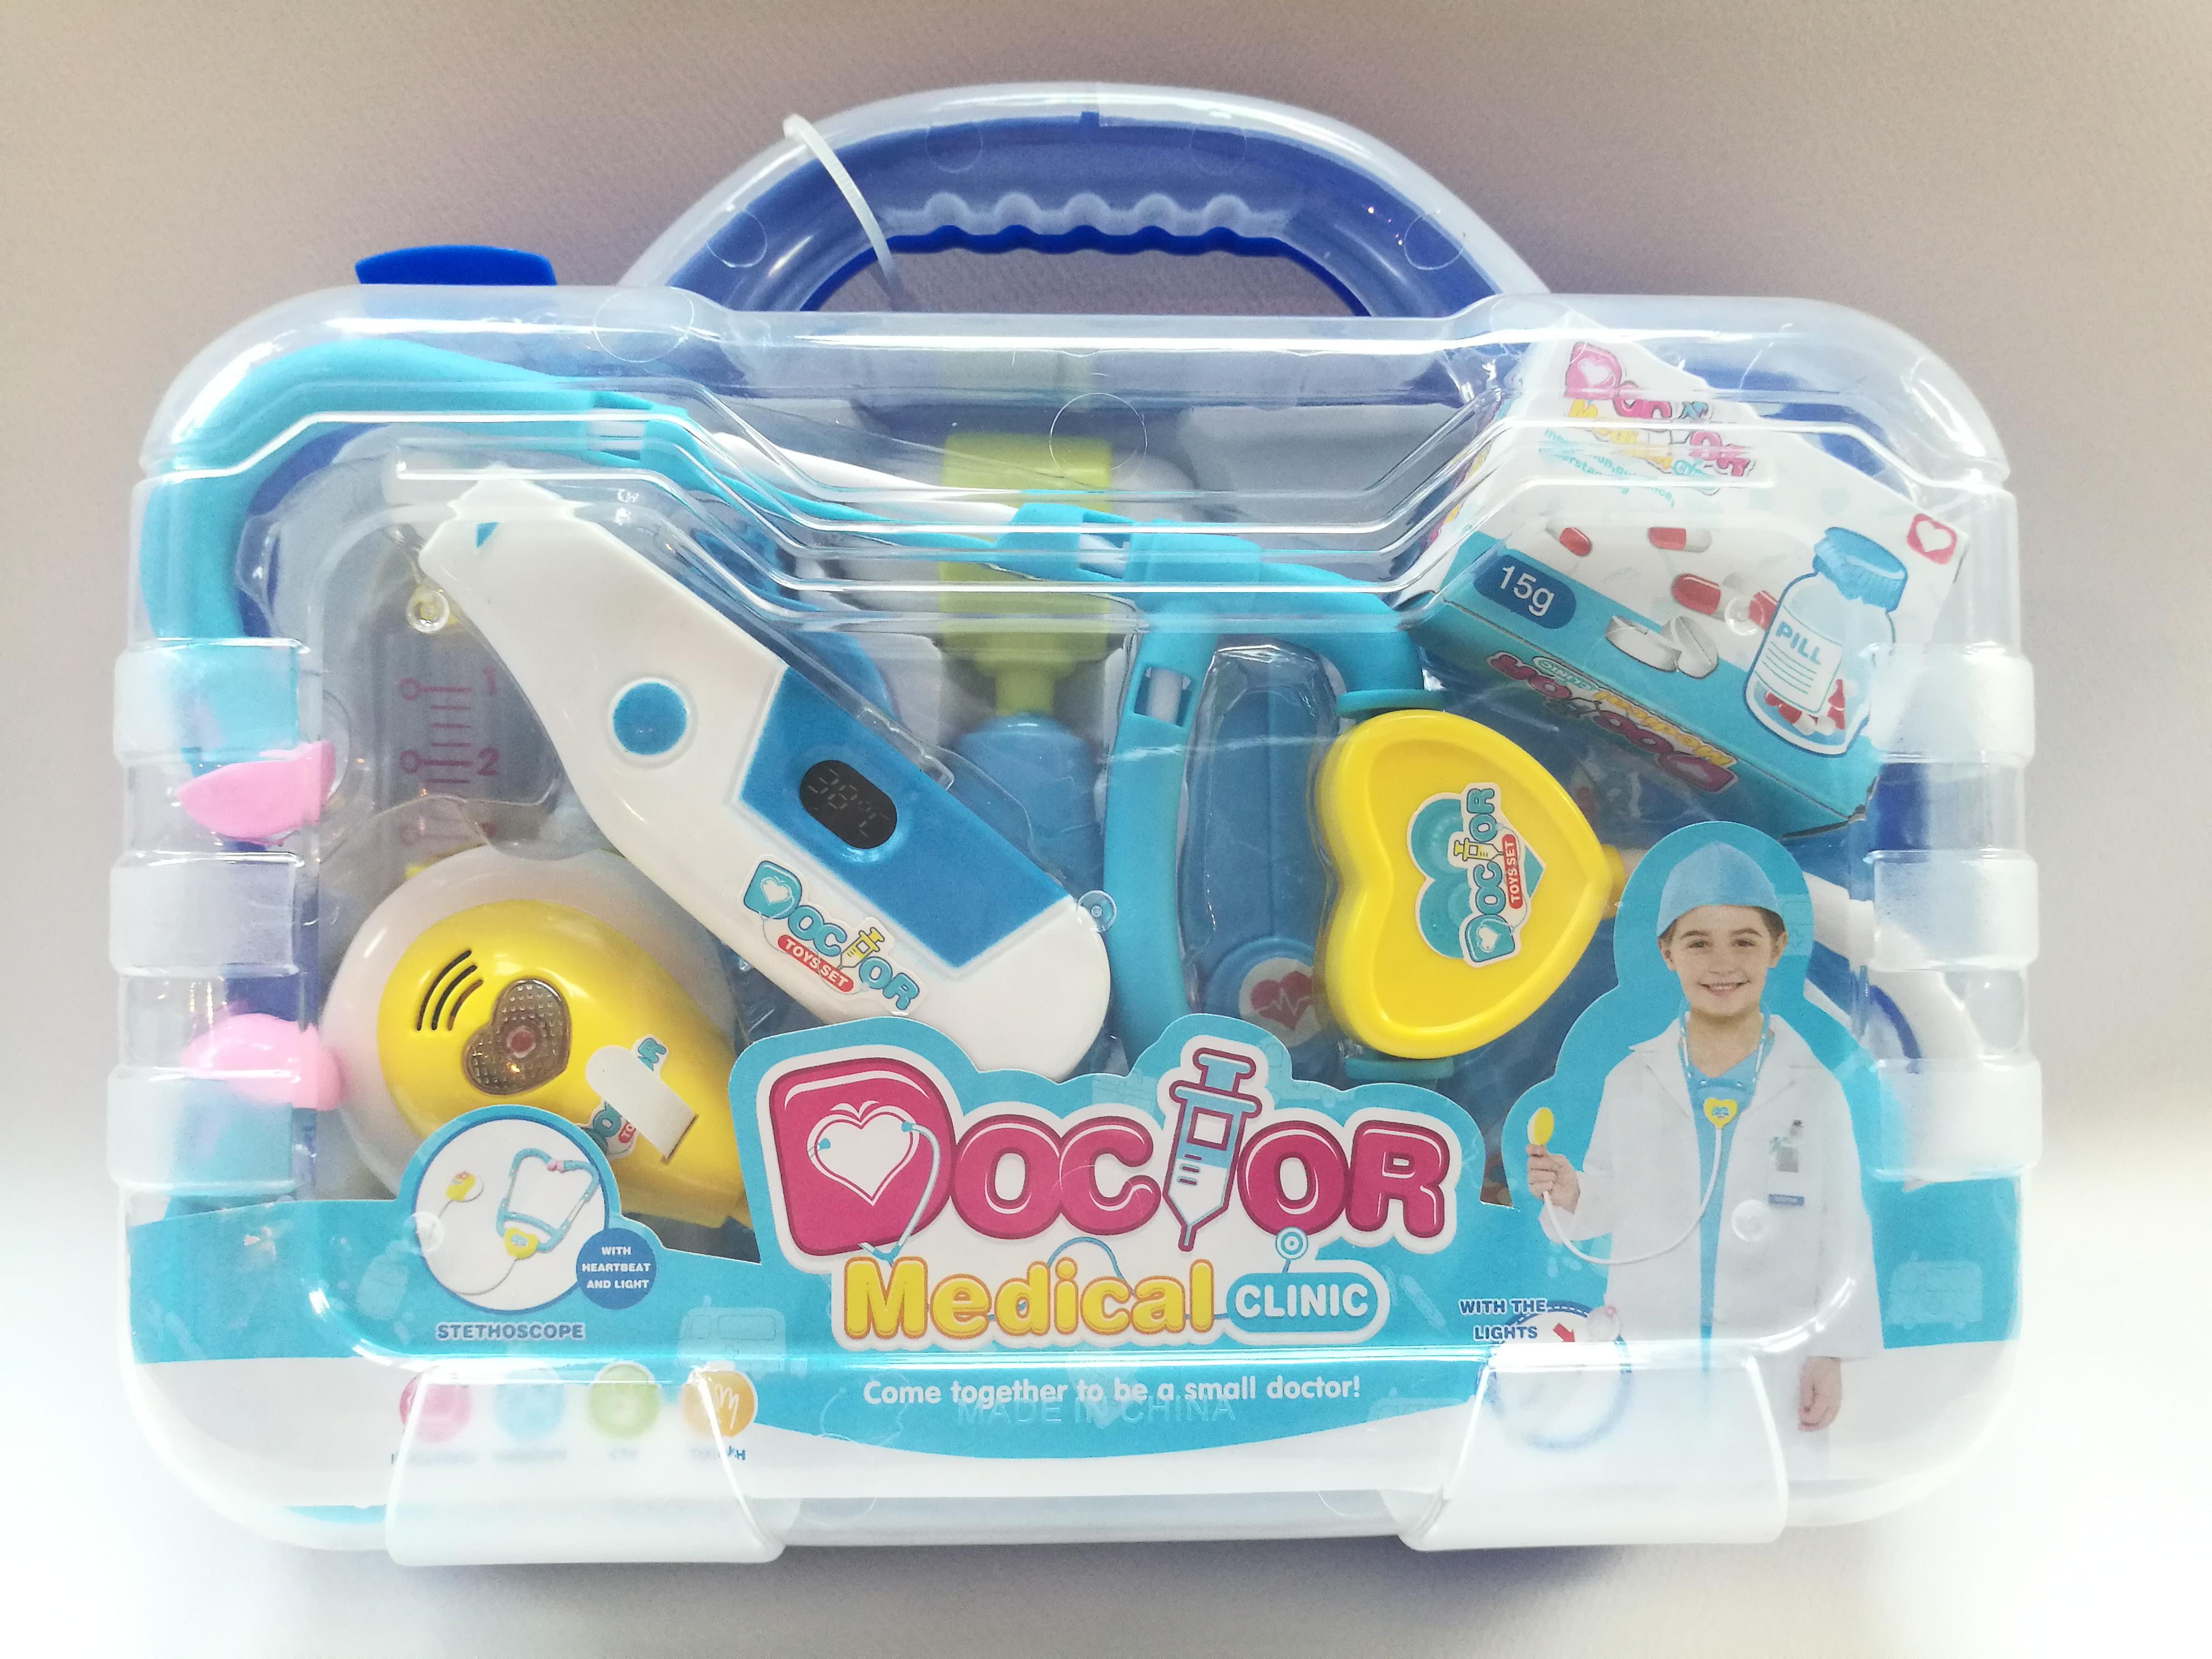 ชุดกระเป๋าคุณหมอมีเสียงมีไฟ Doctor medical clinic พร้อมส่งสีฟ้า และ ชมพู ส่งฟรี